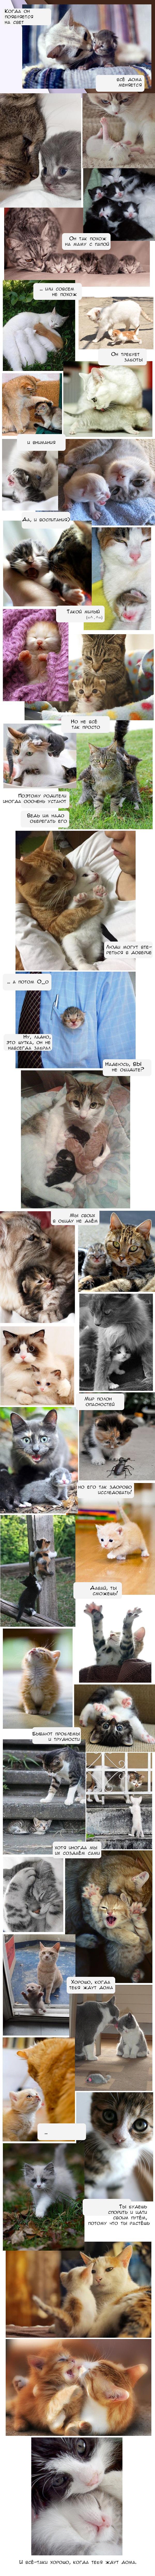 Коты. И люди Кот, Люди, Семья, Длиннопост, Родители, Фото